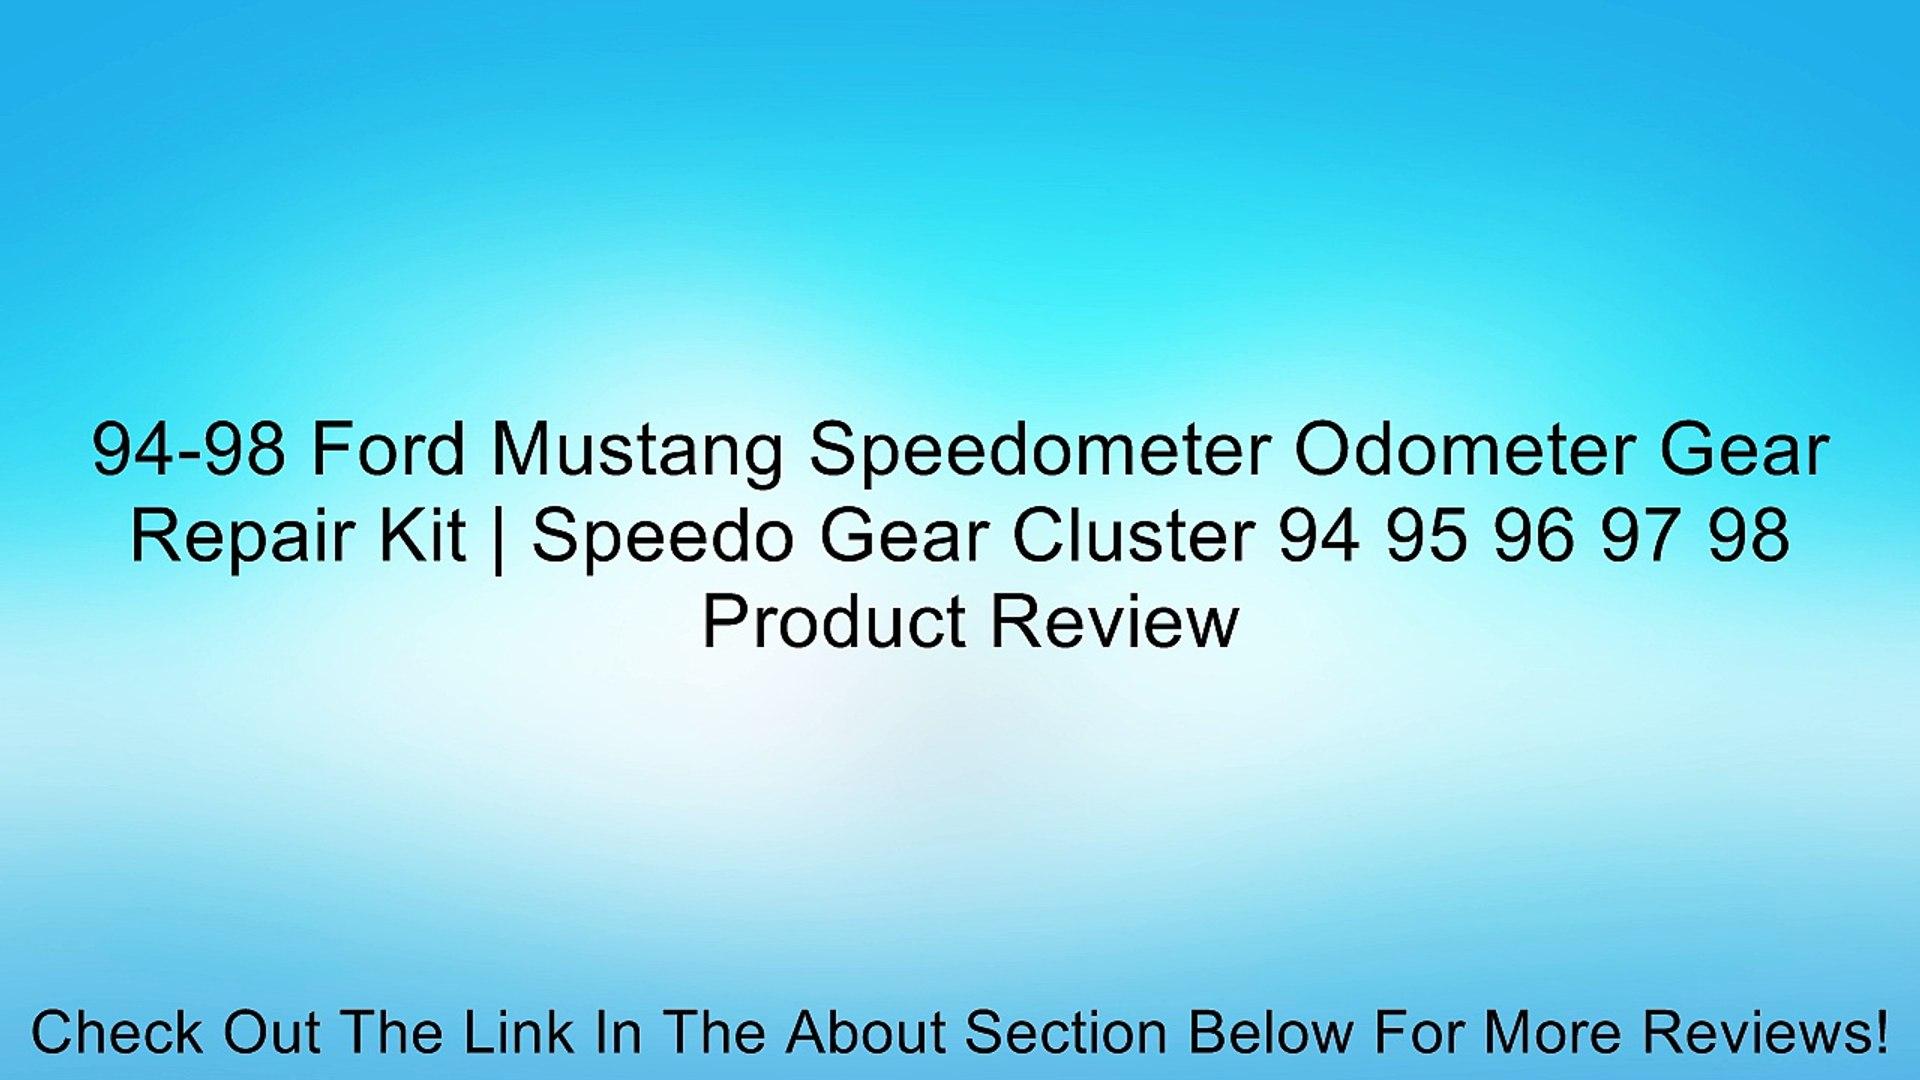 94-98 Ford Mustang Speedometer Odometer Gear Repair Kit | Speedo Gear  Cluster 94 95 96 97 98 Review